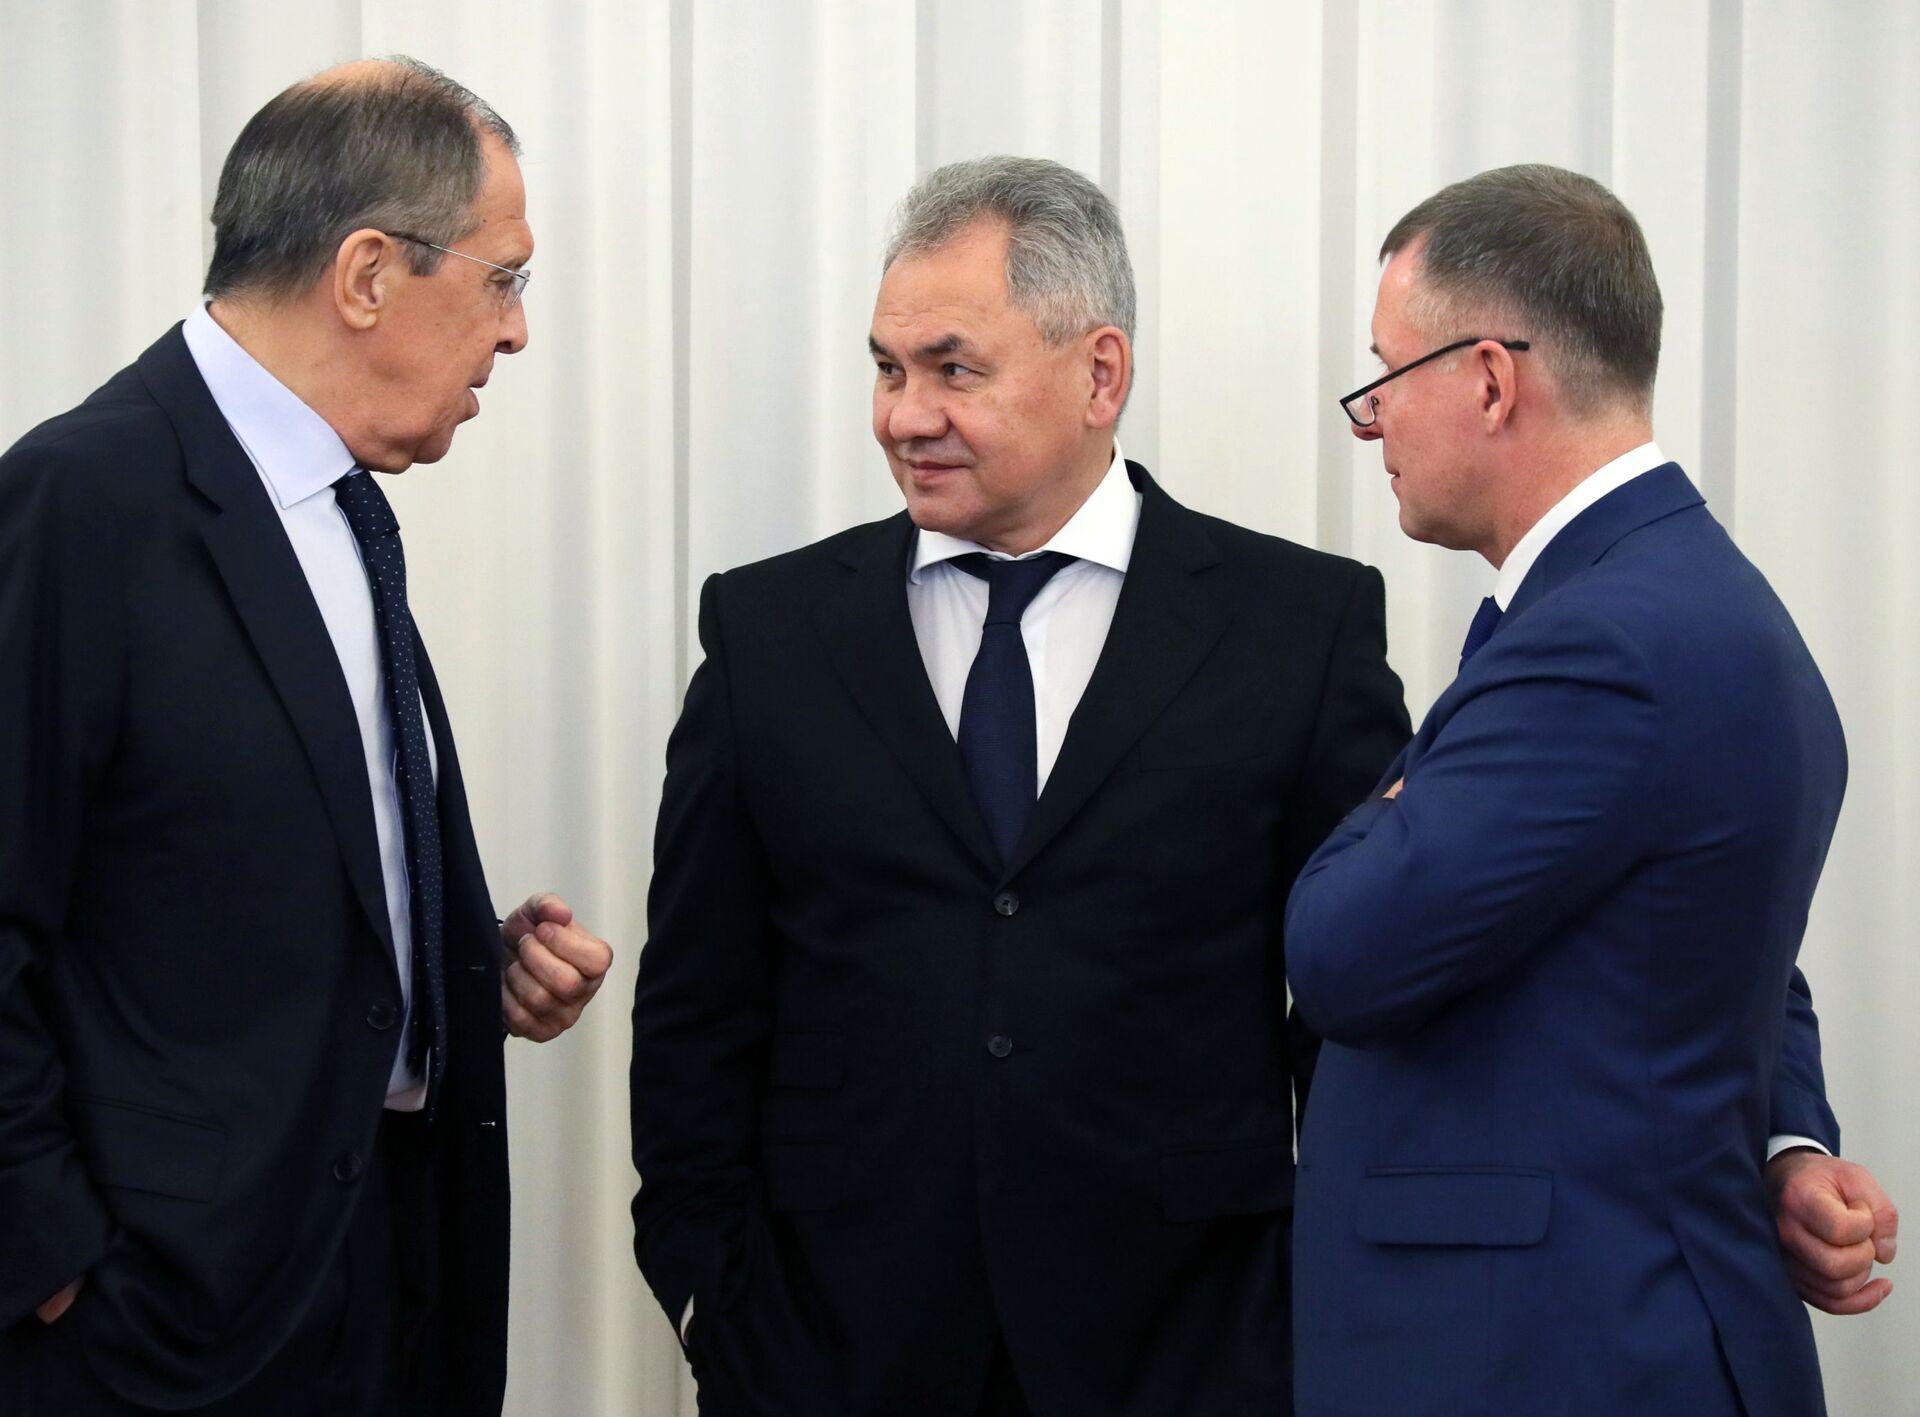 Sergei Lavrov, Sergei Shoigu và Yevgeniy Zinichev trước cuộc họp - Sputnik Việt Nam, 1920, 05.10.2021